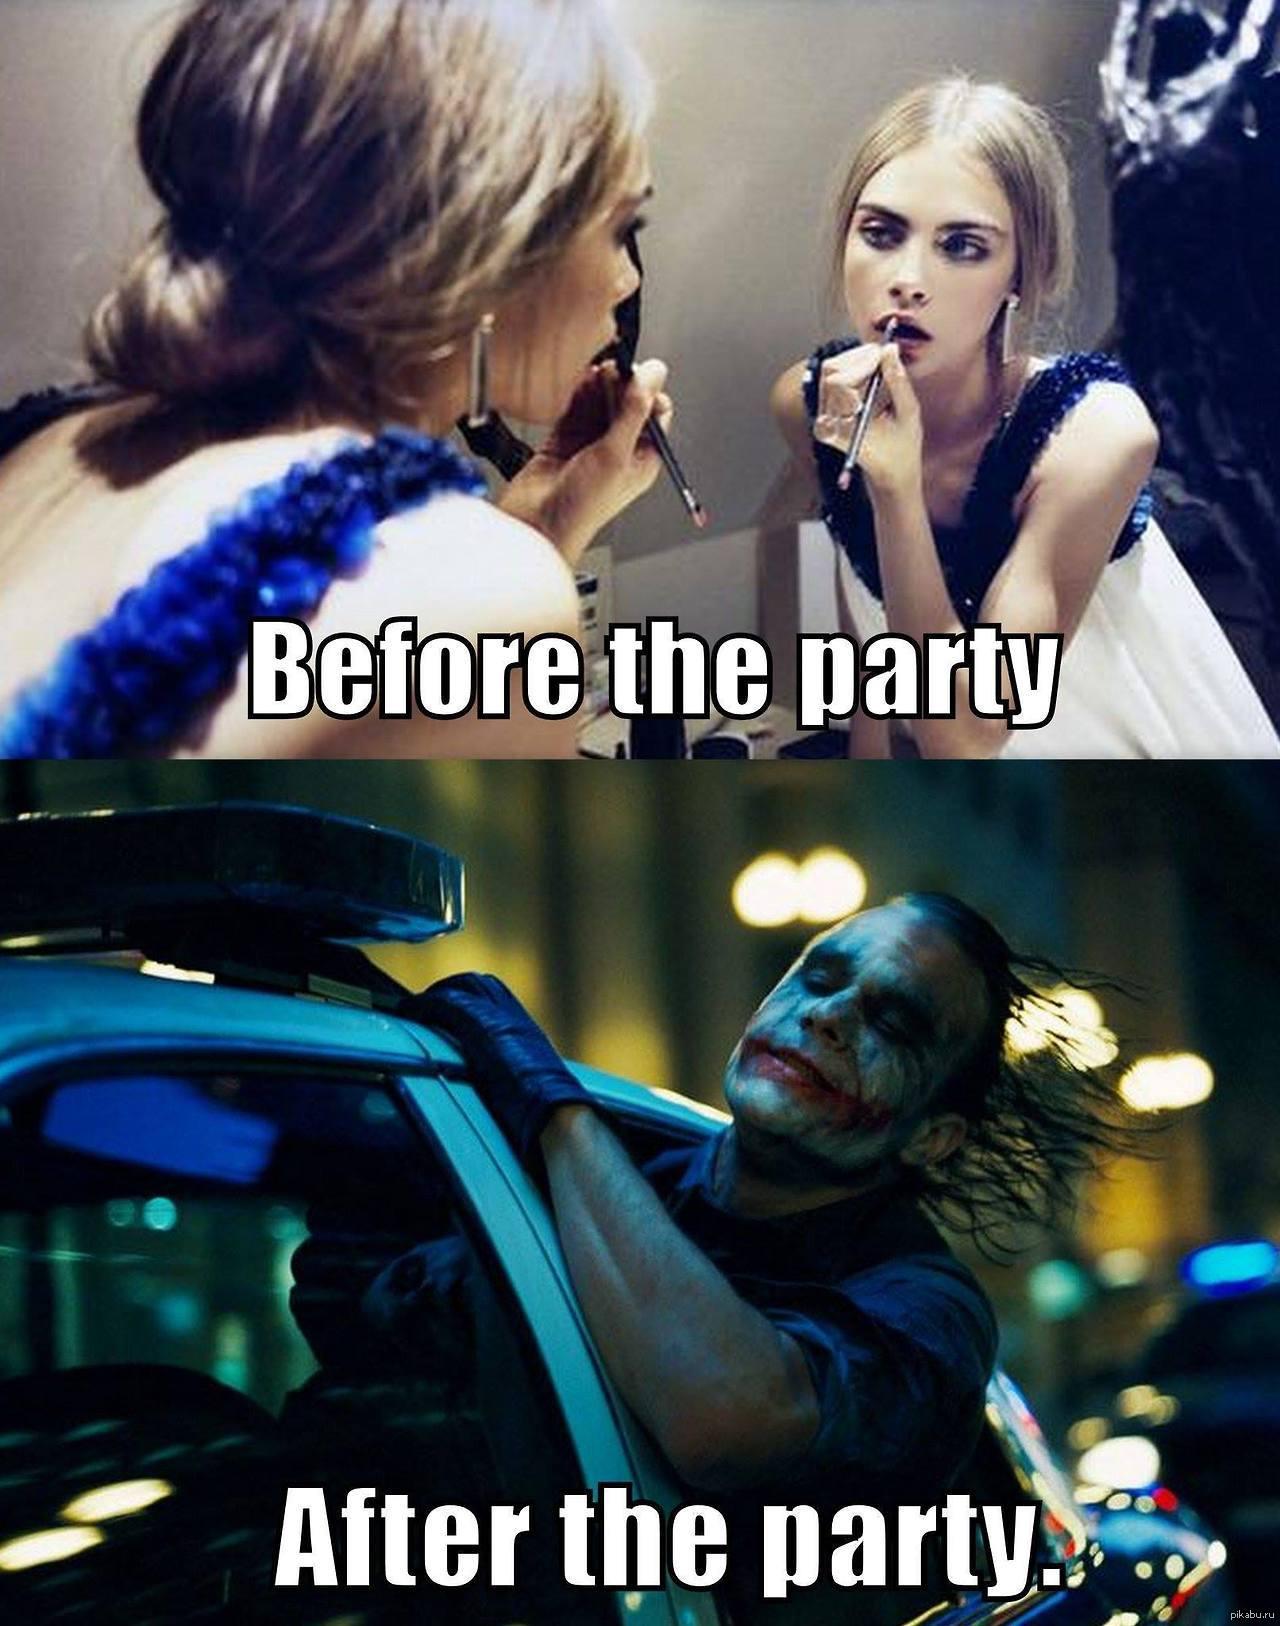 девушки после вечеринки фото